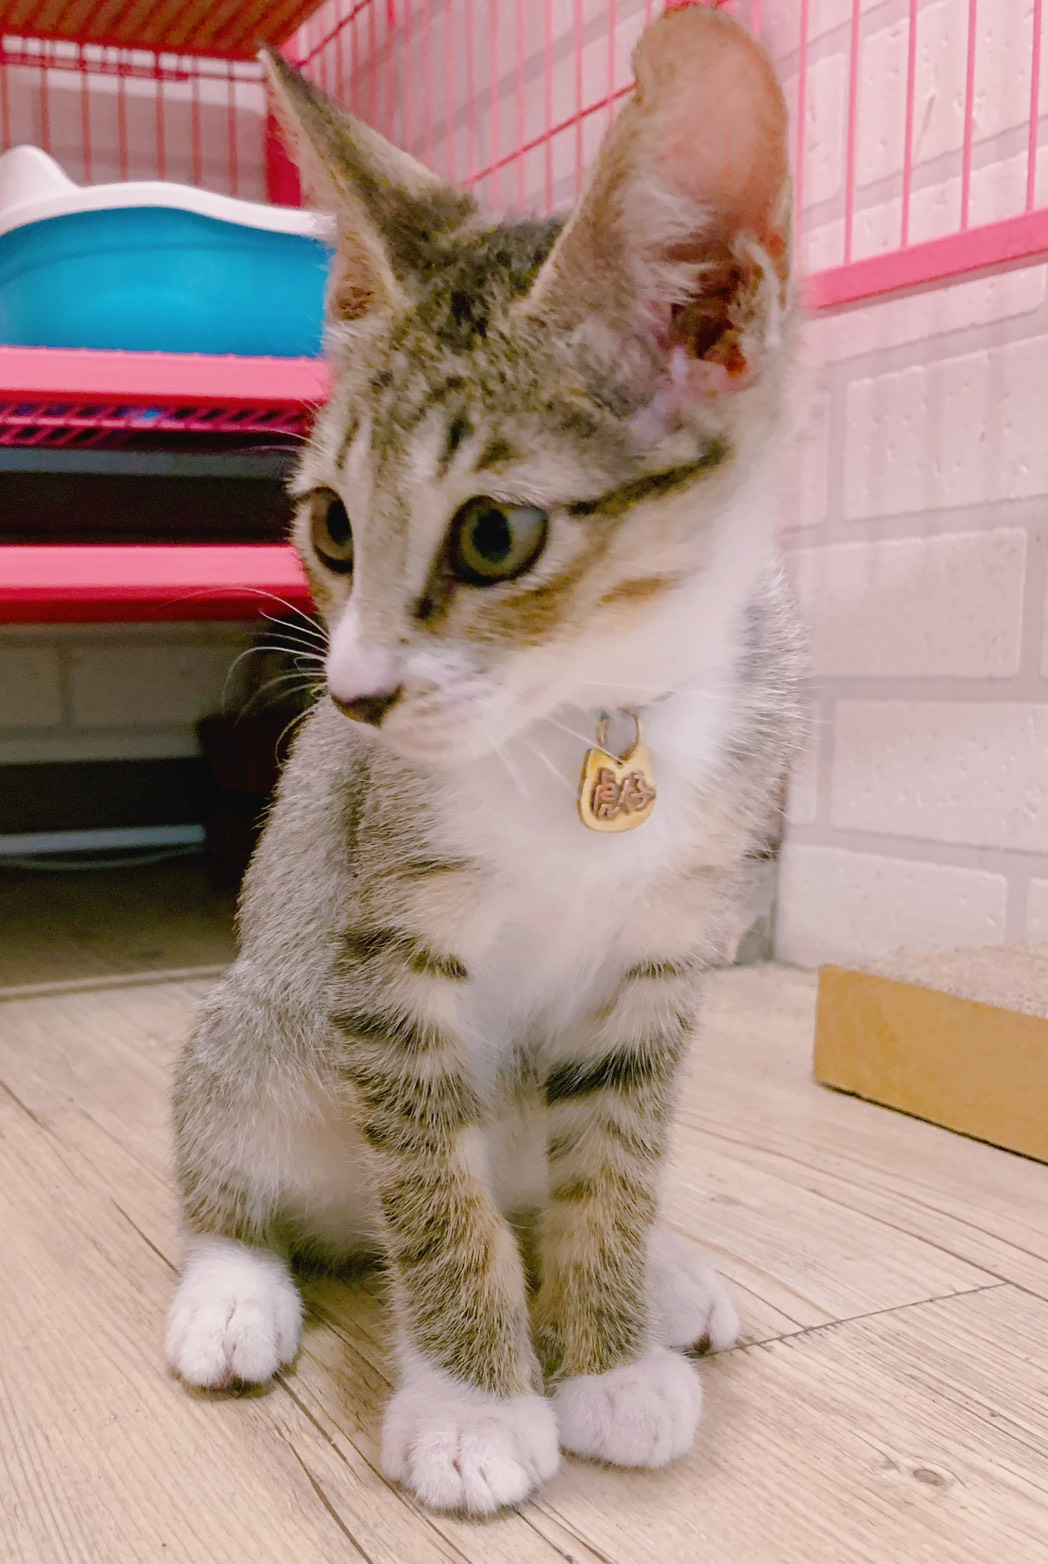 大員囡仔【寵物墜牌】黃銅×立體字x敲字x貓狗  客製化寵物項圈